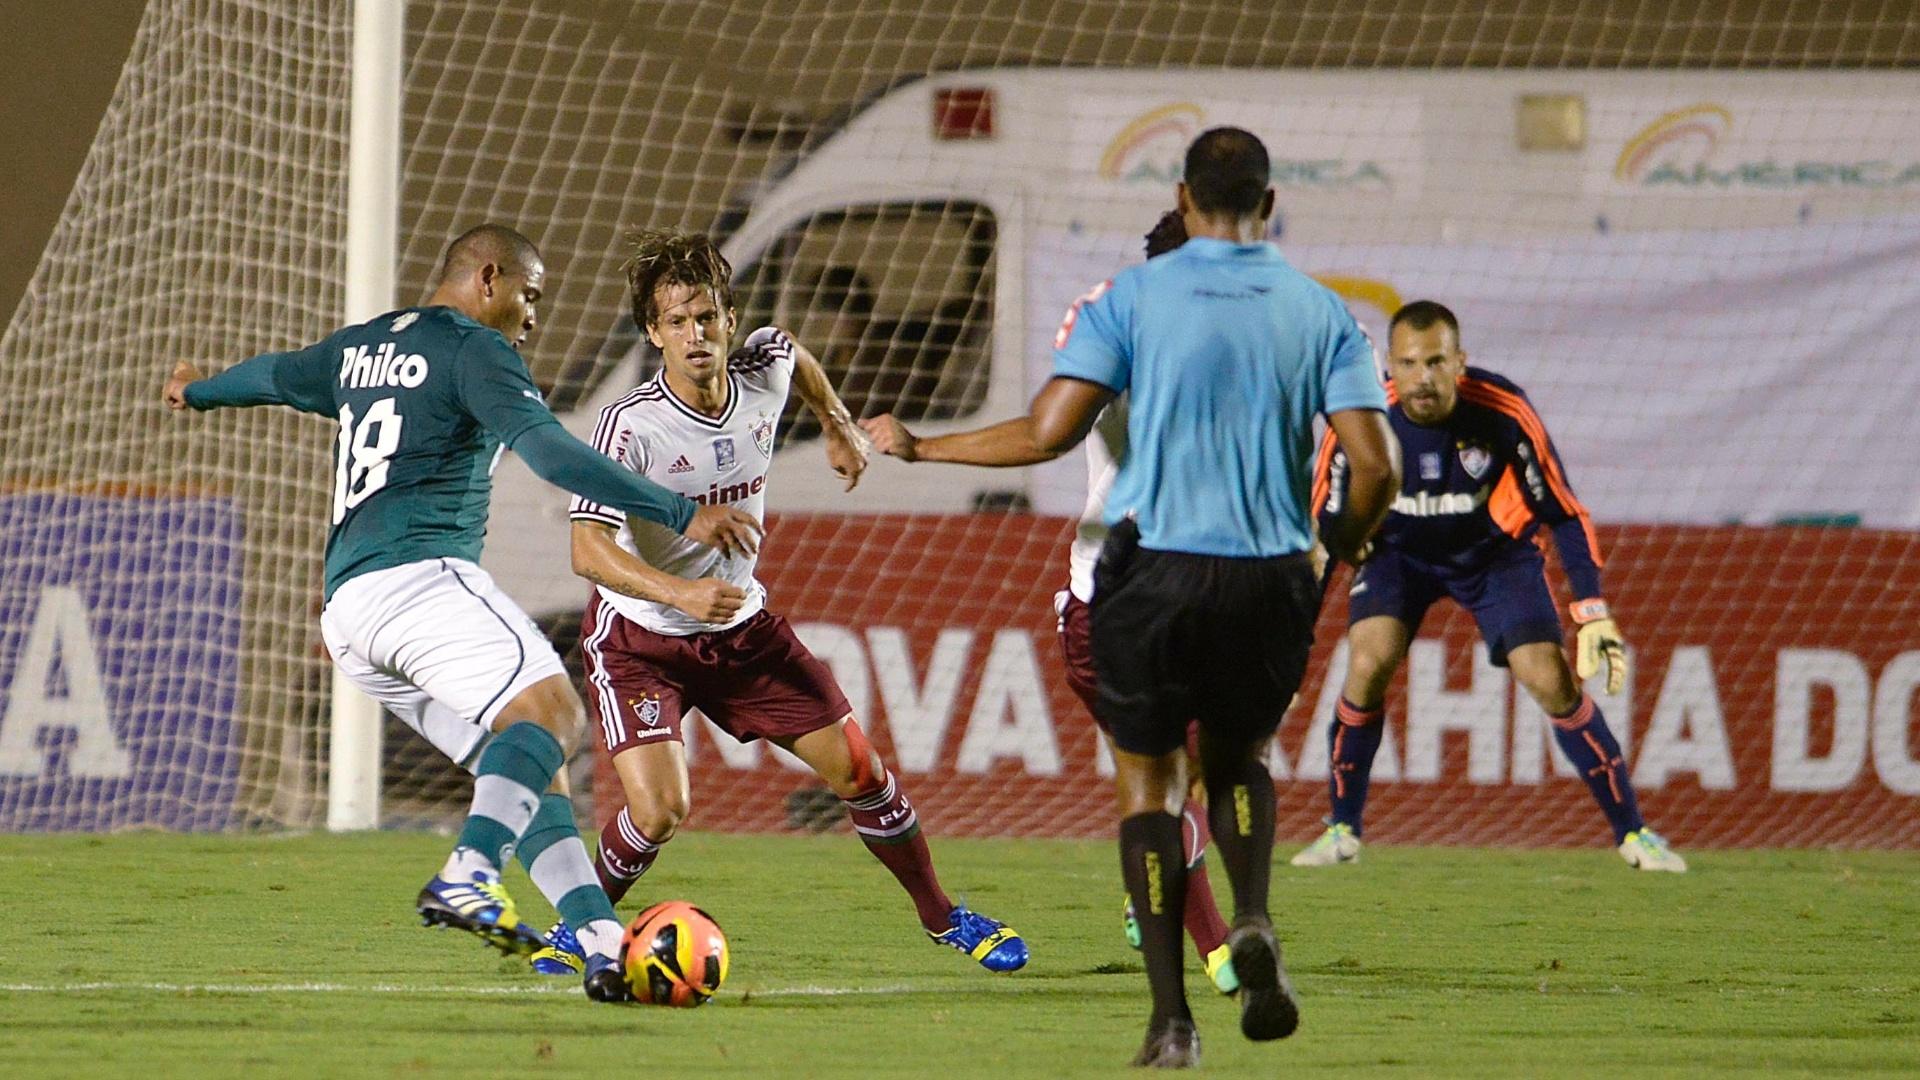 28.set.2013 - Walter, atacante do Goiás, tenta jogada individual diante de Diguinho, do Fluminense, em jogo do Campeonato Brasileiro